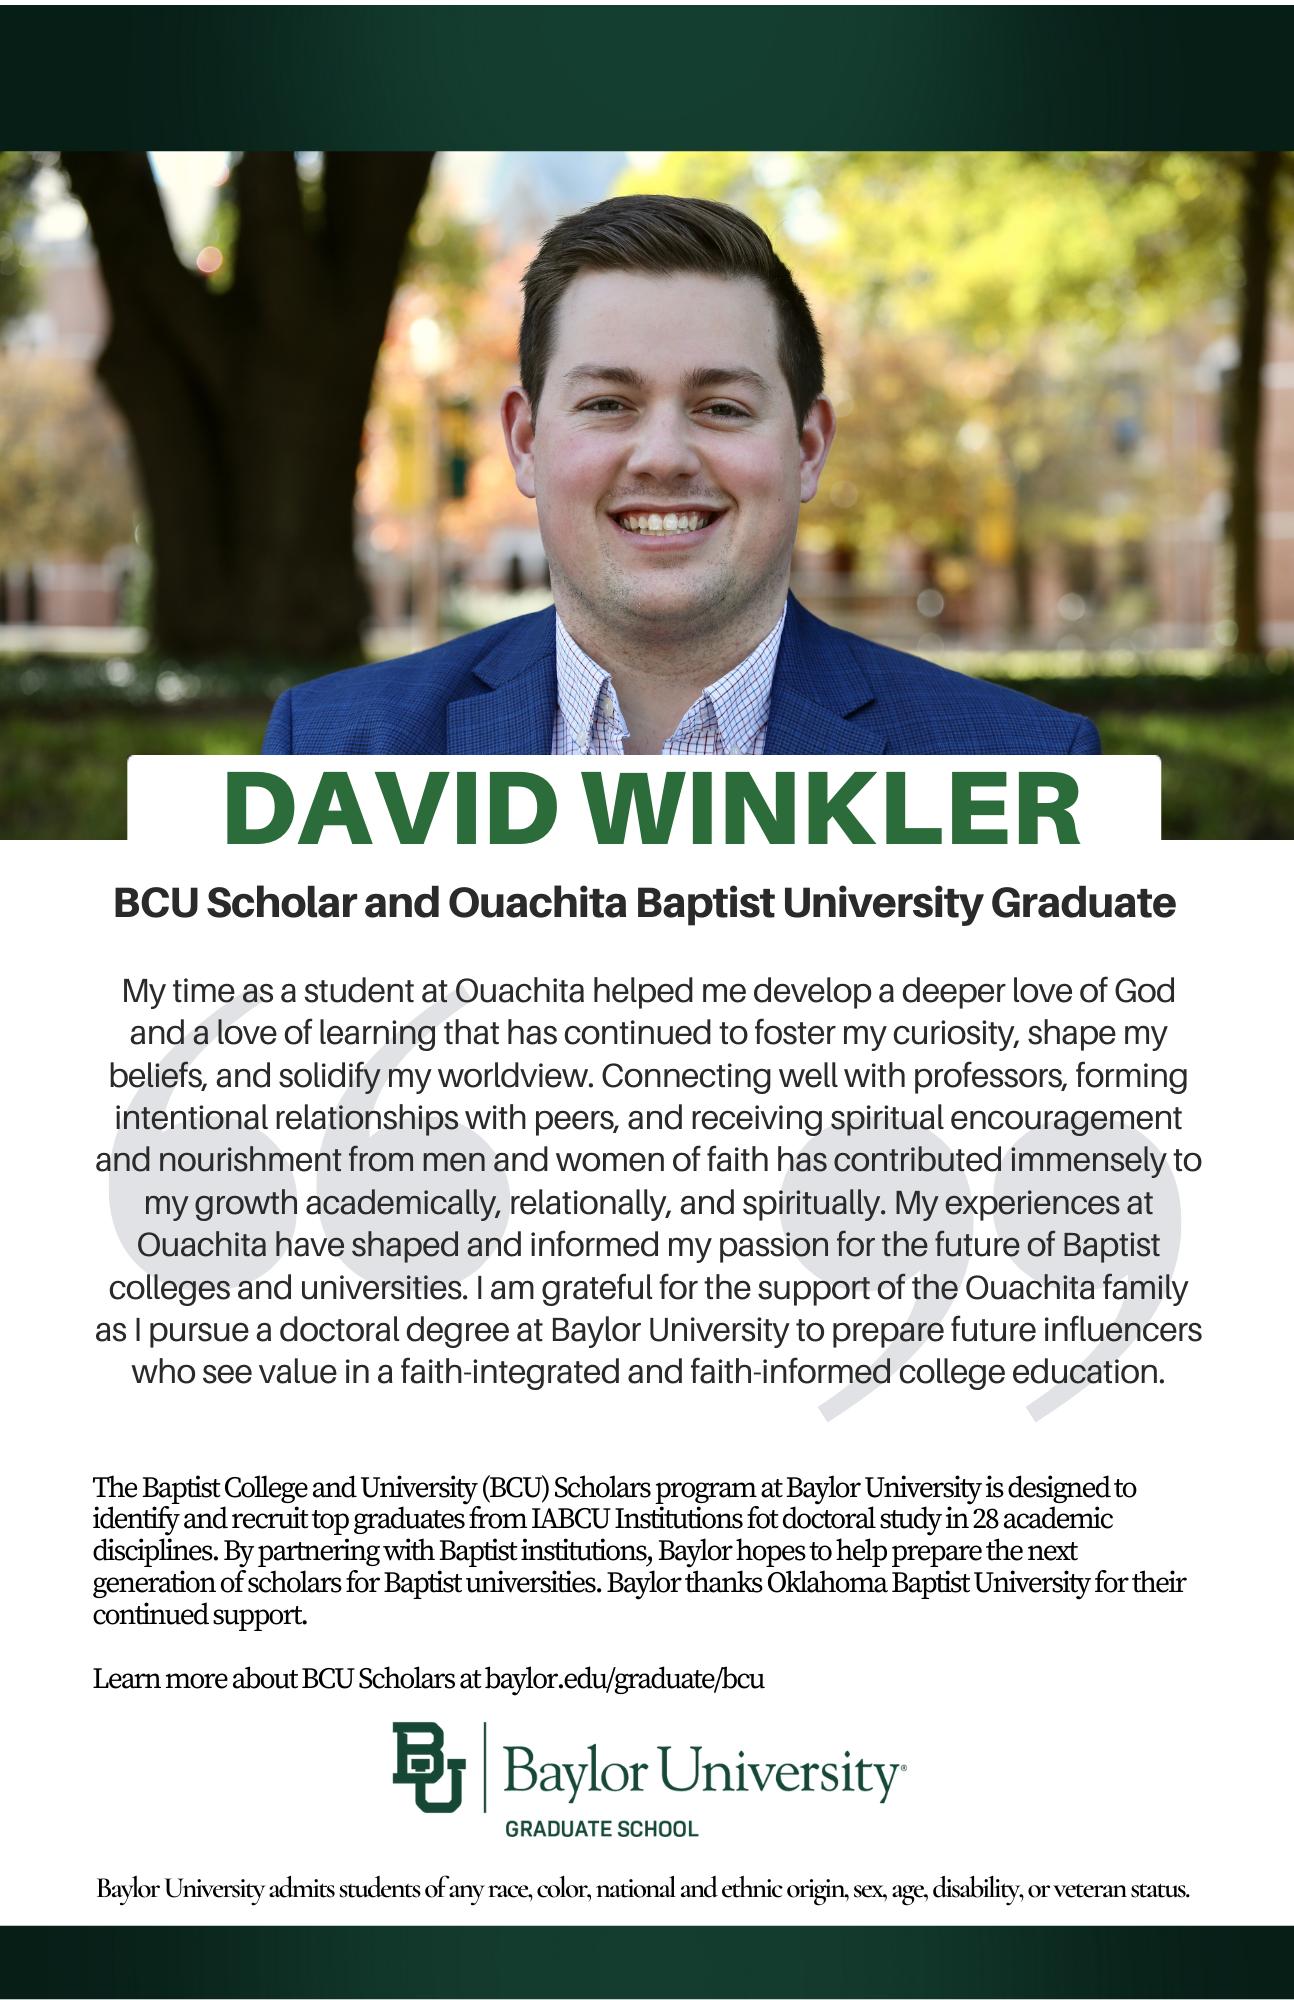 David Winkler BCU ad